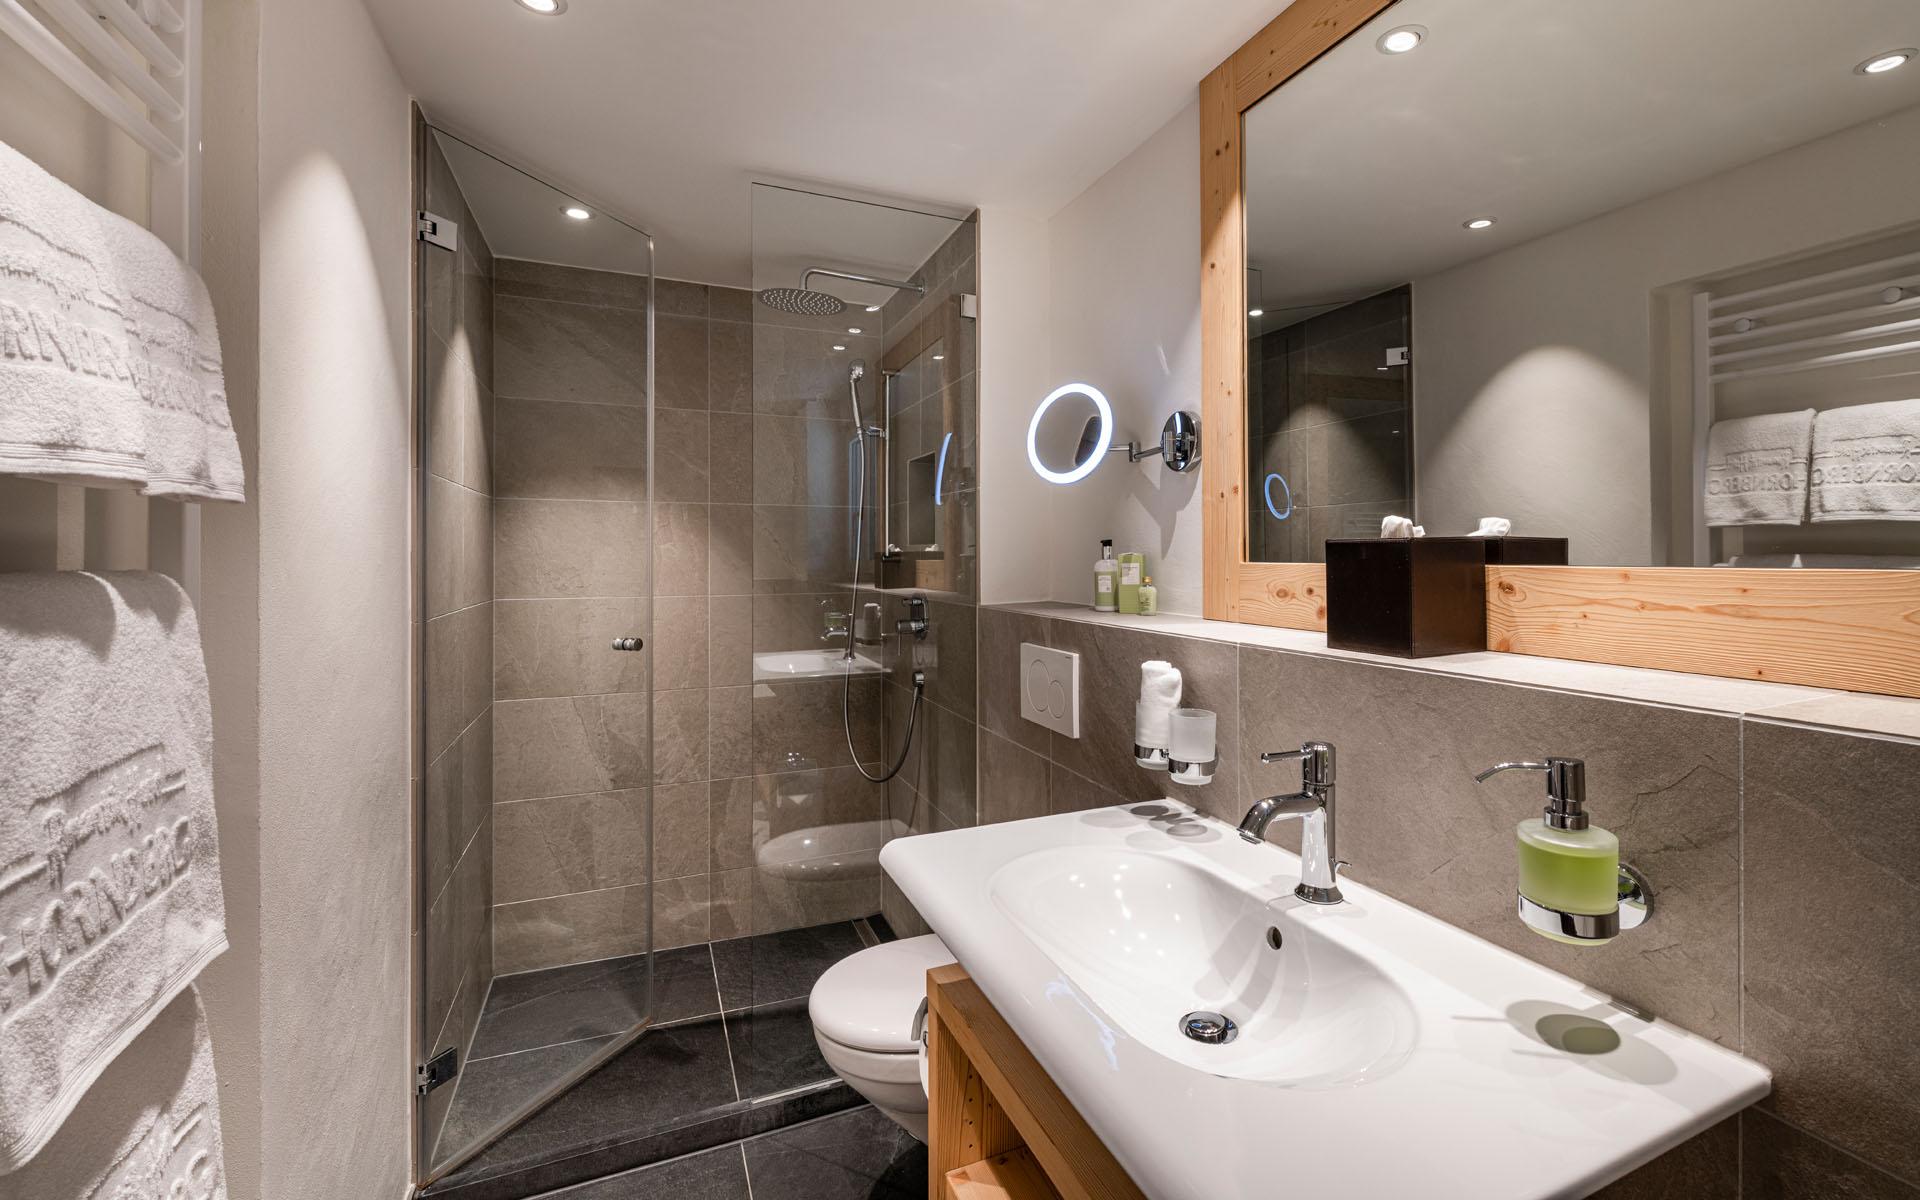 https://fsw-kreatektur.ch/wp-content/uploads/Fsw-Kreatektur-Architektur-Umbau-Hotel-Hornberg-Saanenmoeser-Bad.jpg